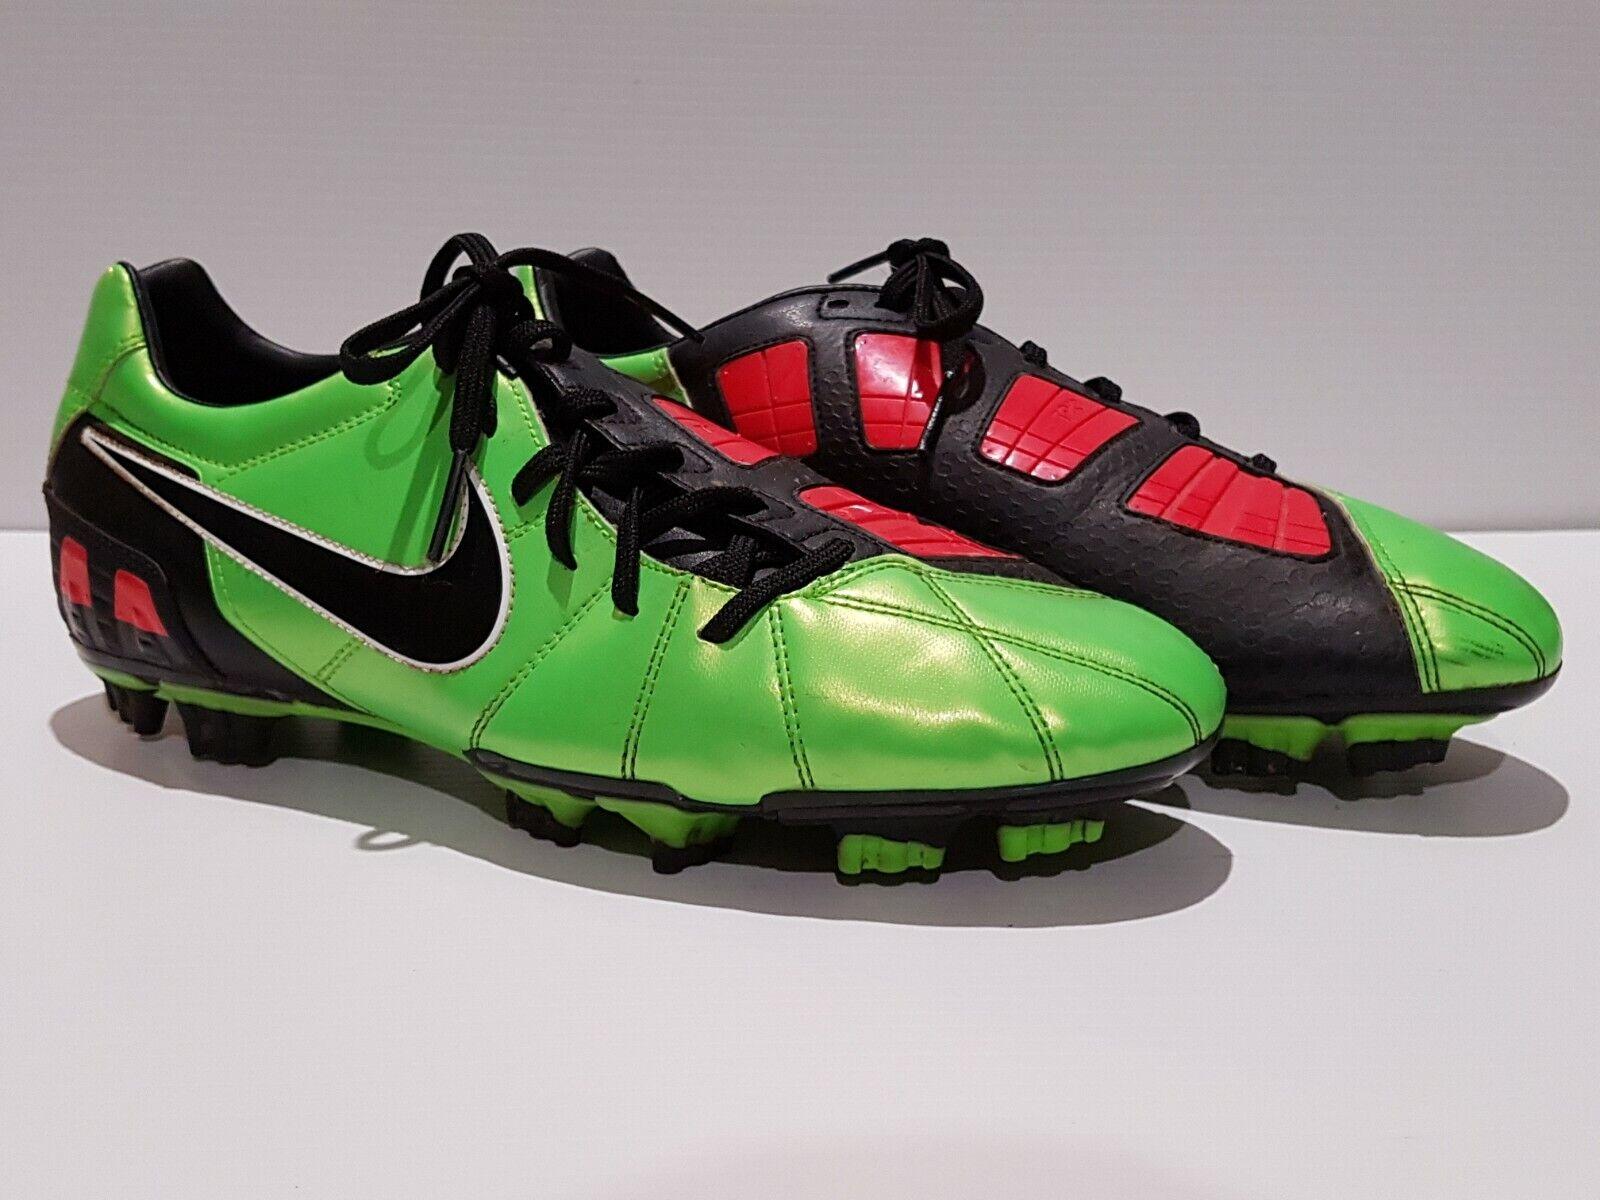 Nike T90 Laser 3 2009 botas De Fútbol Soccer AFL para Hombre US 10.5 - Usado En Excelente Estado